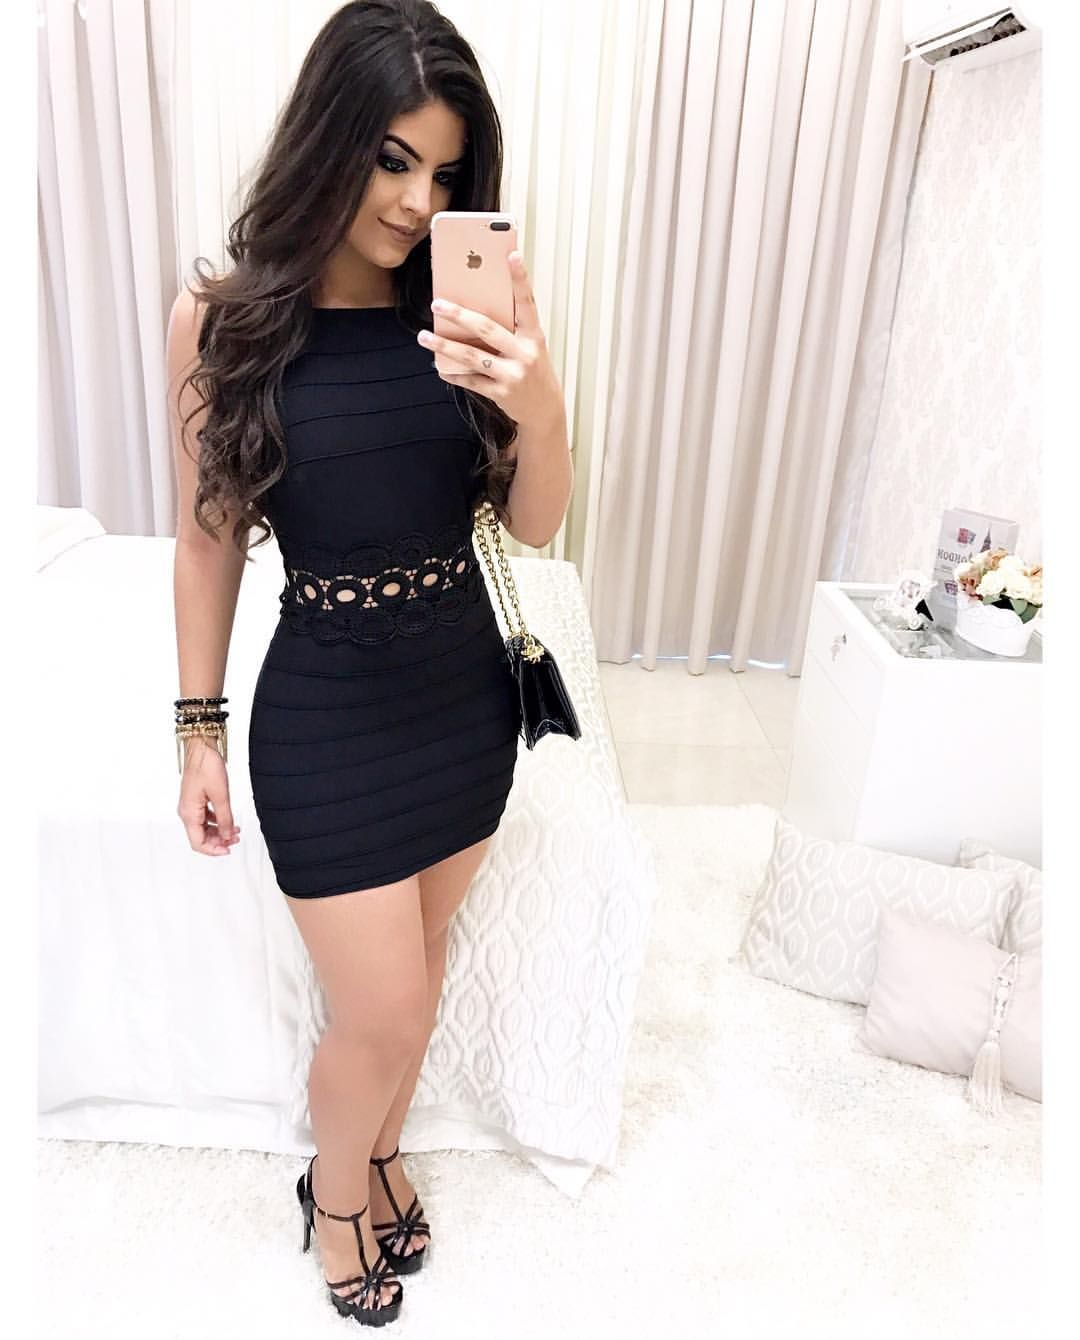 e4d85d449 Ver esta foto do Instagram de  lojagirlschick • 231 curtidas Vestido De  Festa Preto